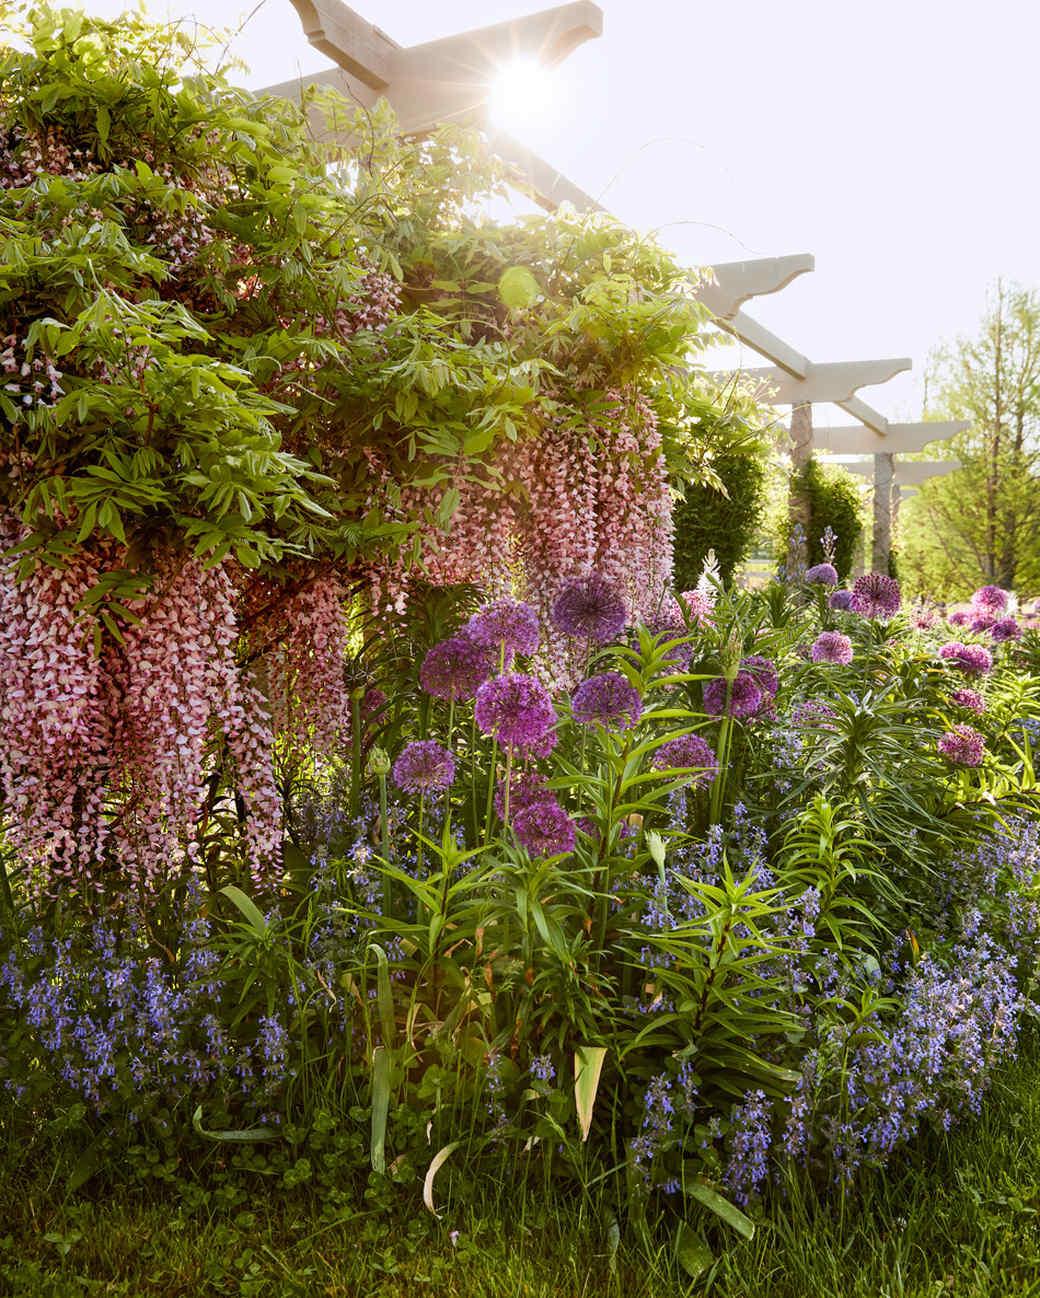 wisteria, allium, magenta, and Camassia flowers